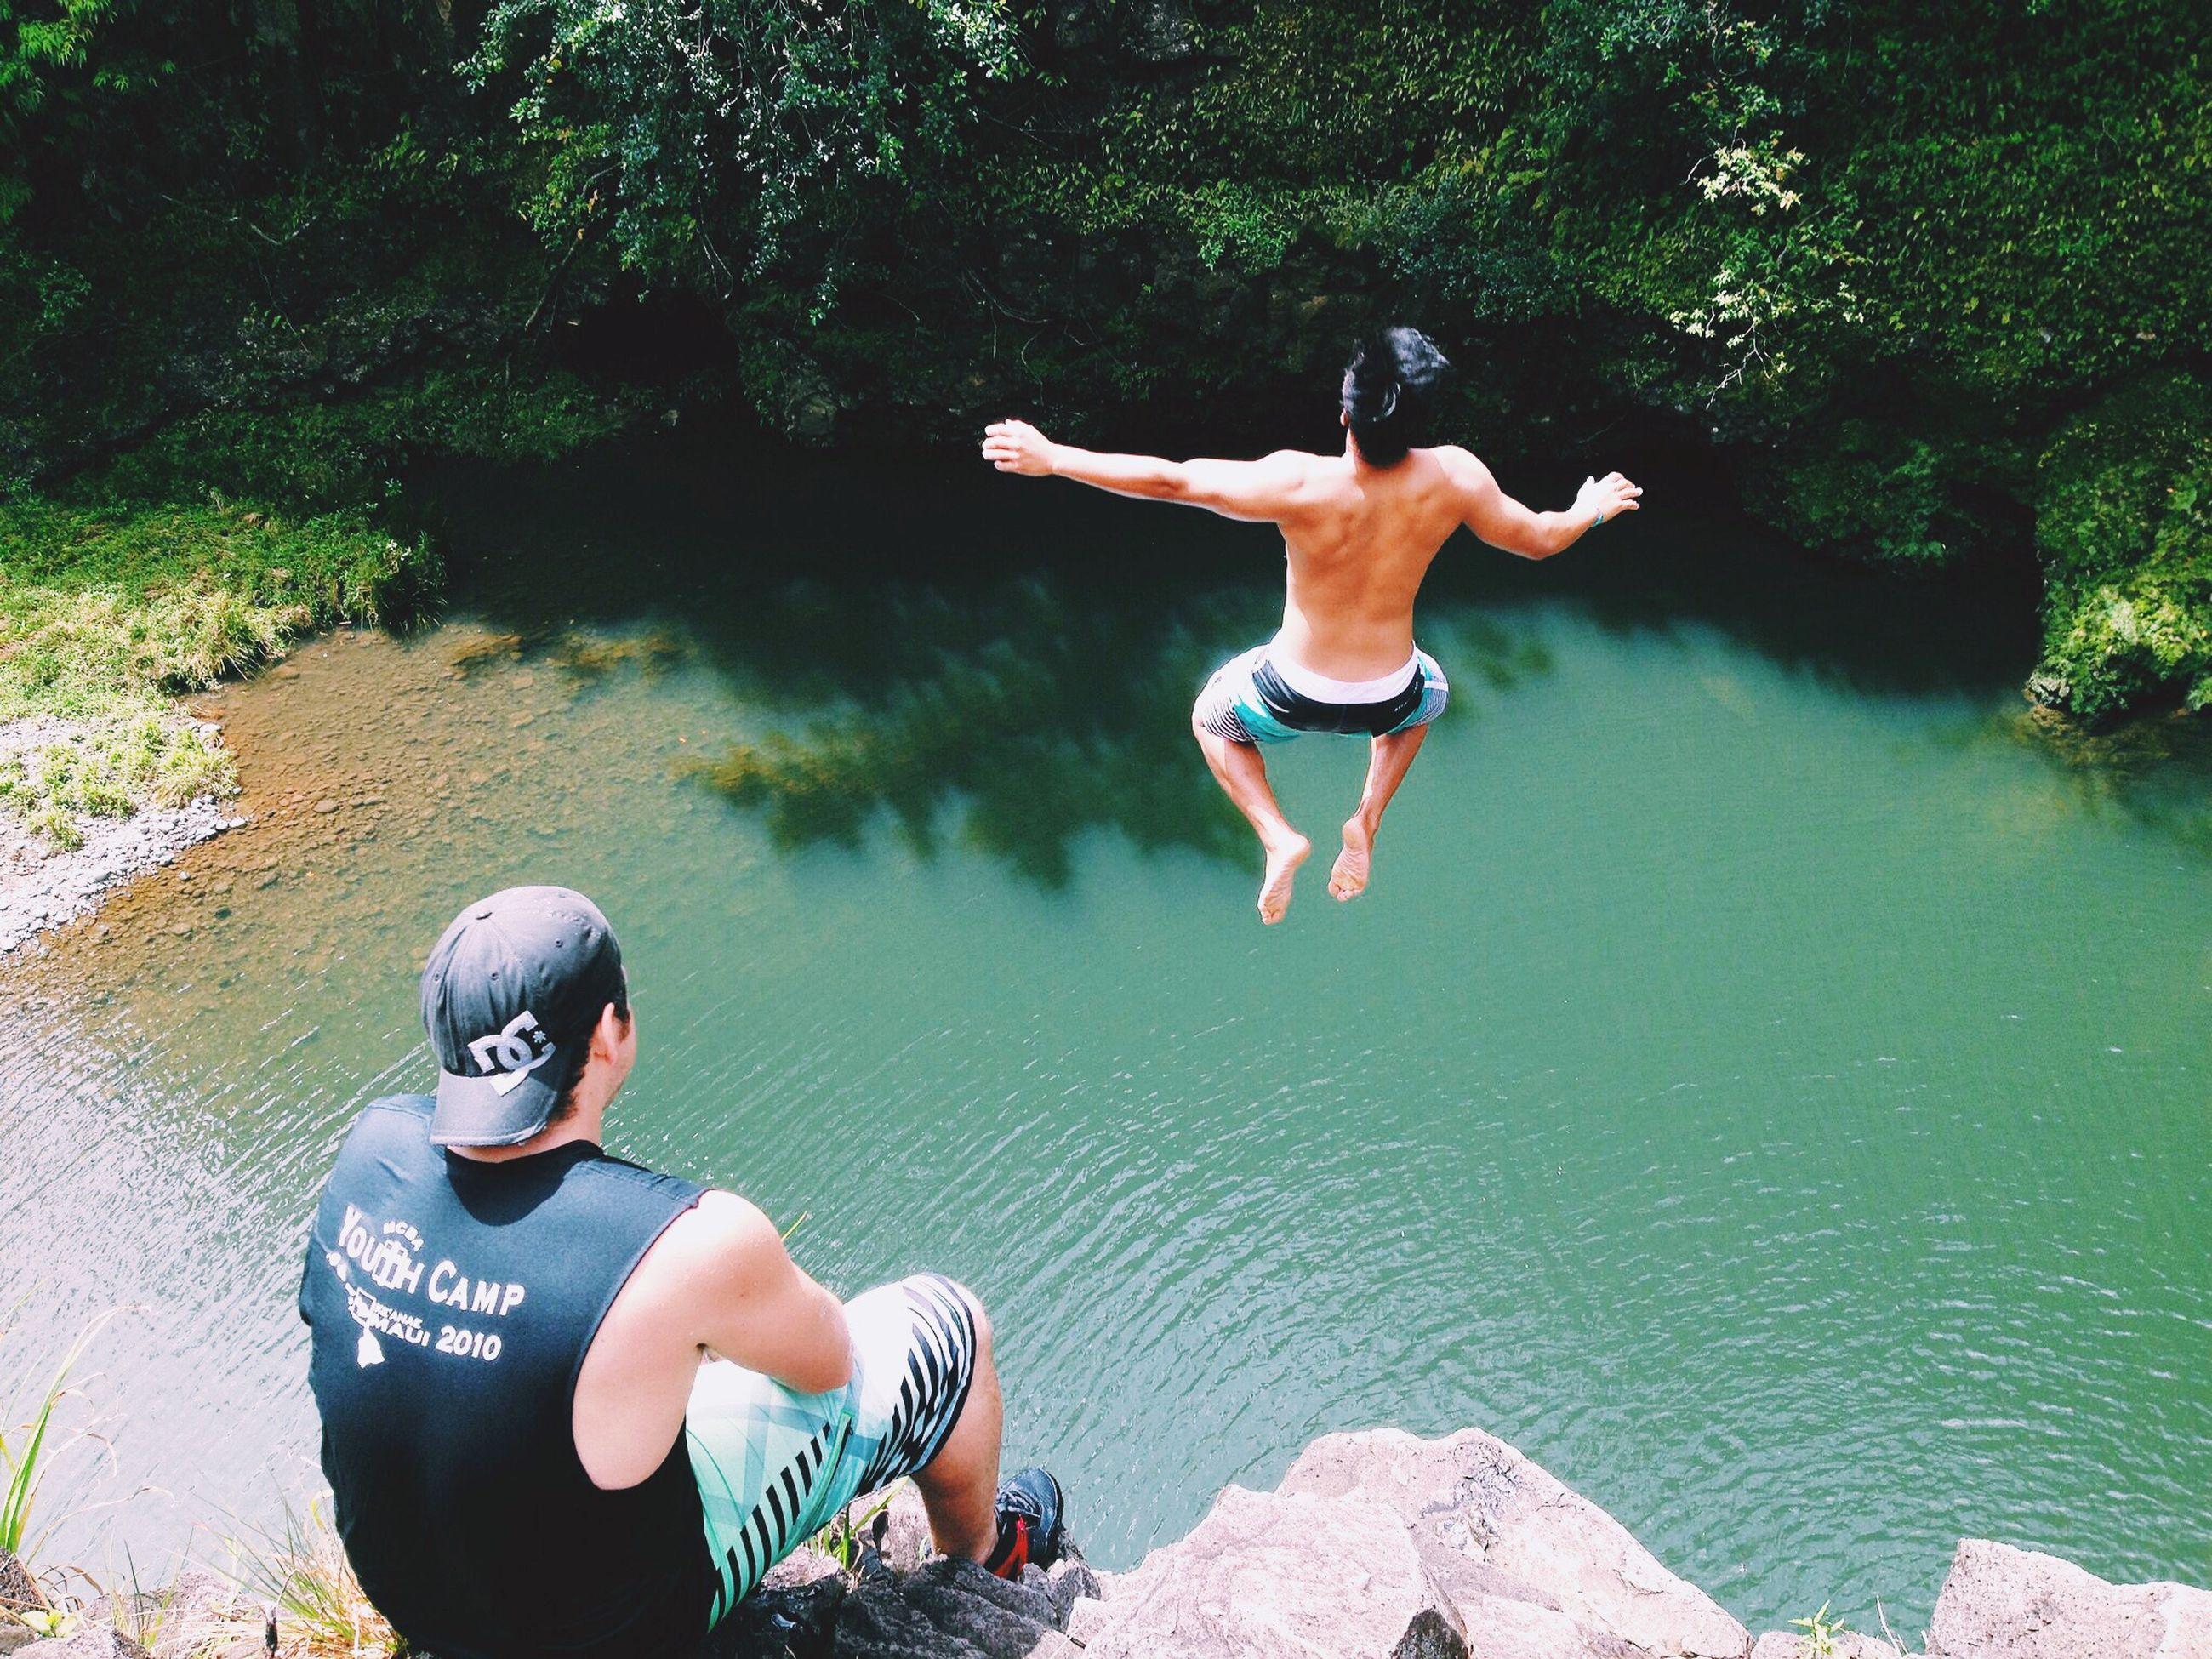 FULL LENGTH OF GIRL JUMPING ON SWIMMING POOL